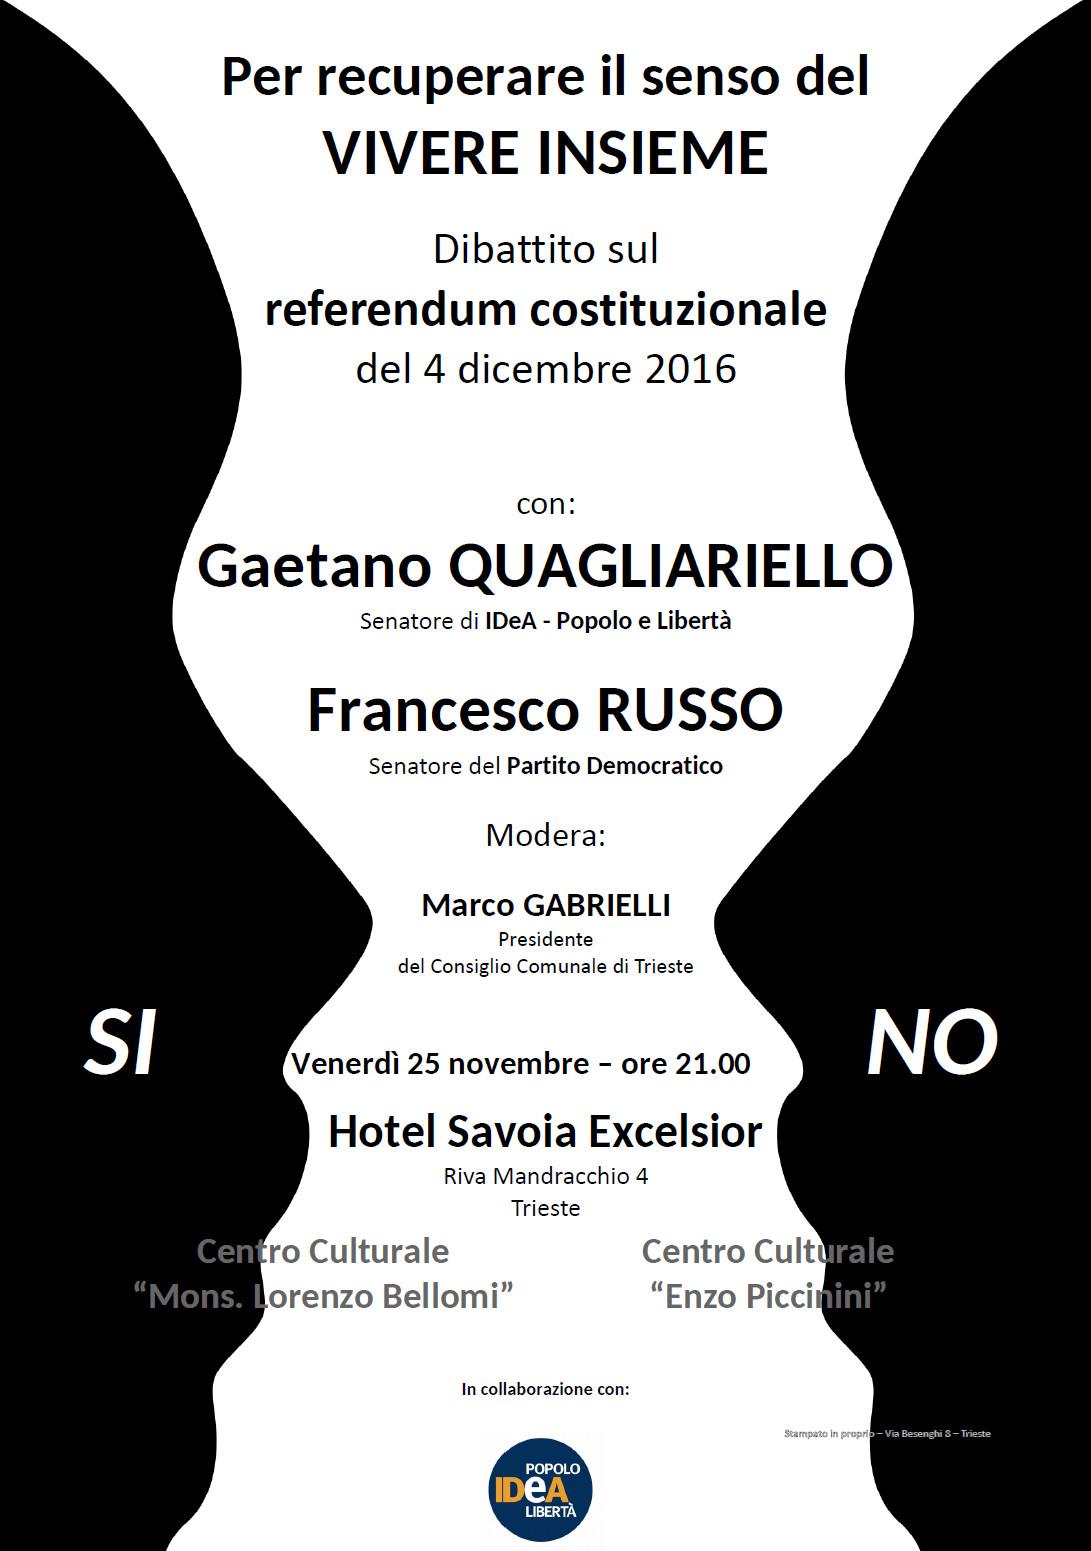 2016-11-25-volantino-dibattito-referendum